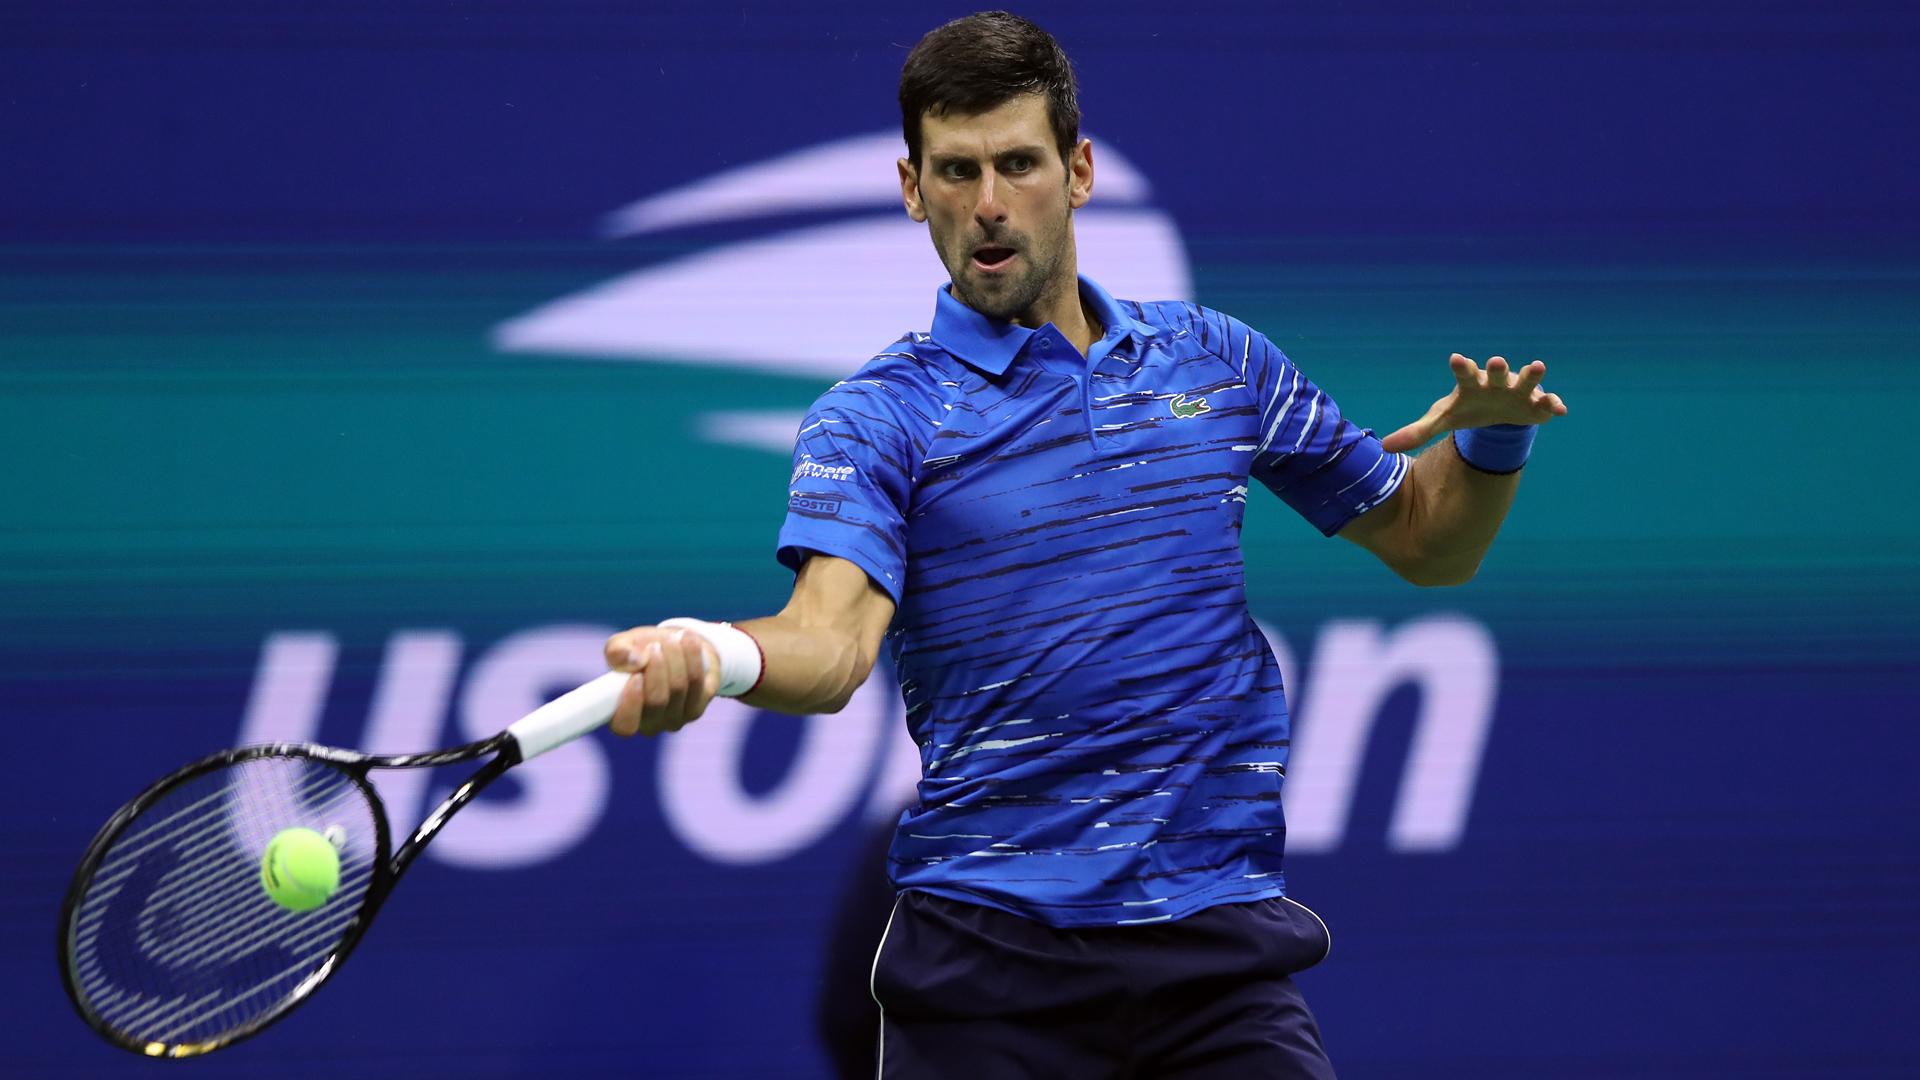 Animado, Djokovic confirma sua presença no US Open